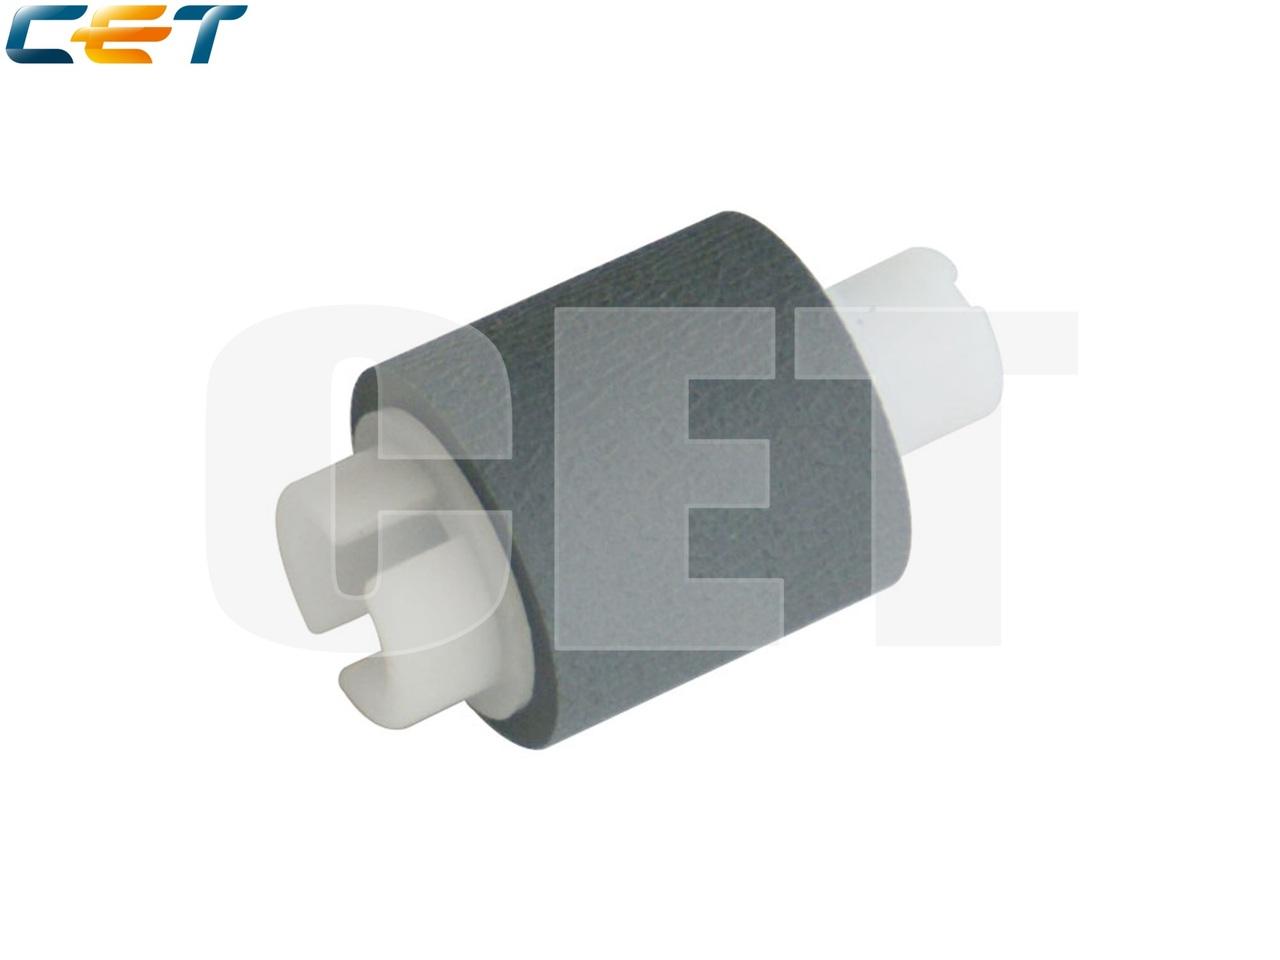 Ролик подачи FL2-3887-000 для CANONiR1018/1019/1022/1023/1024/1025 (CET), CET3966